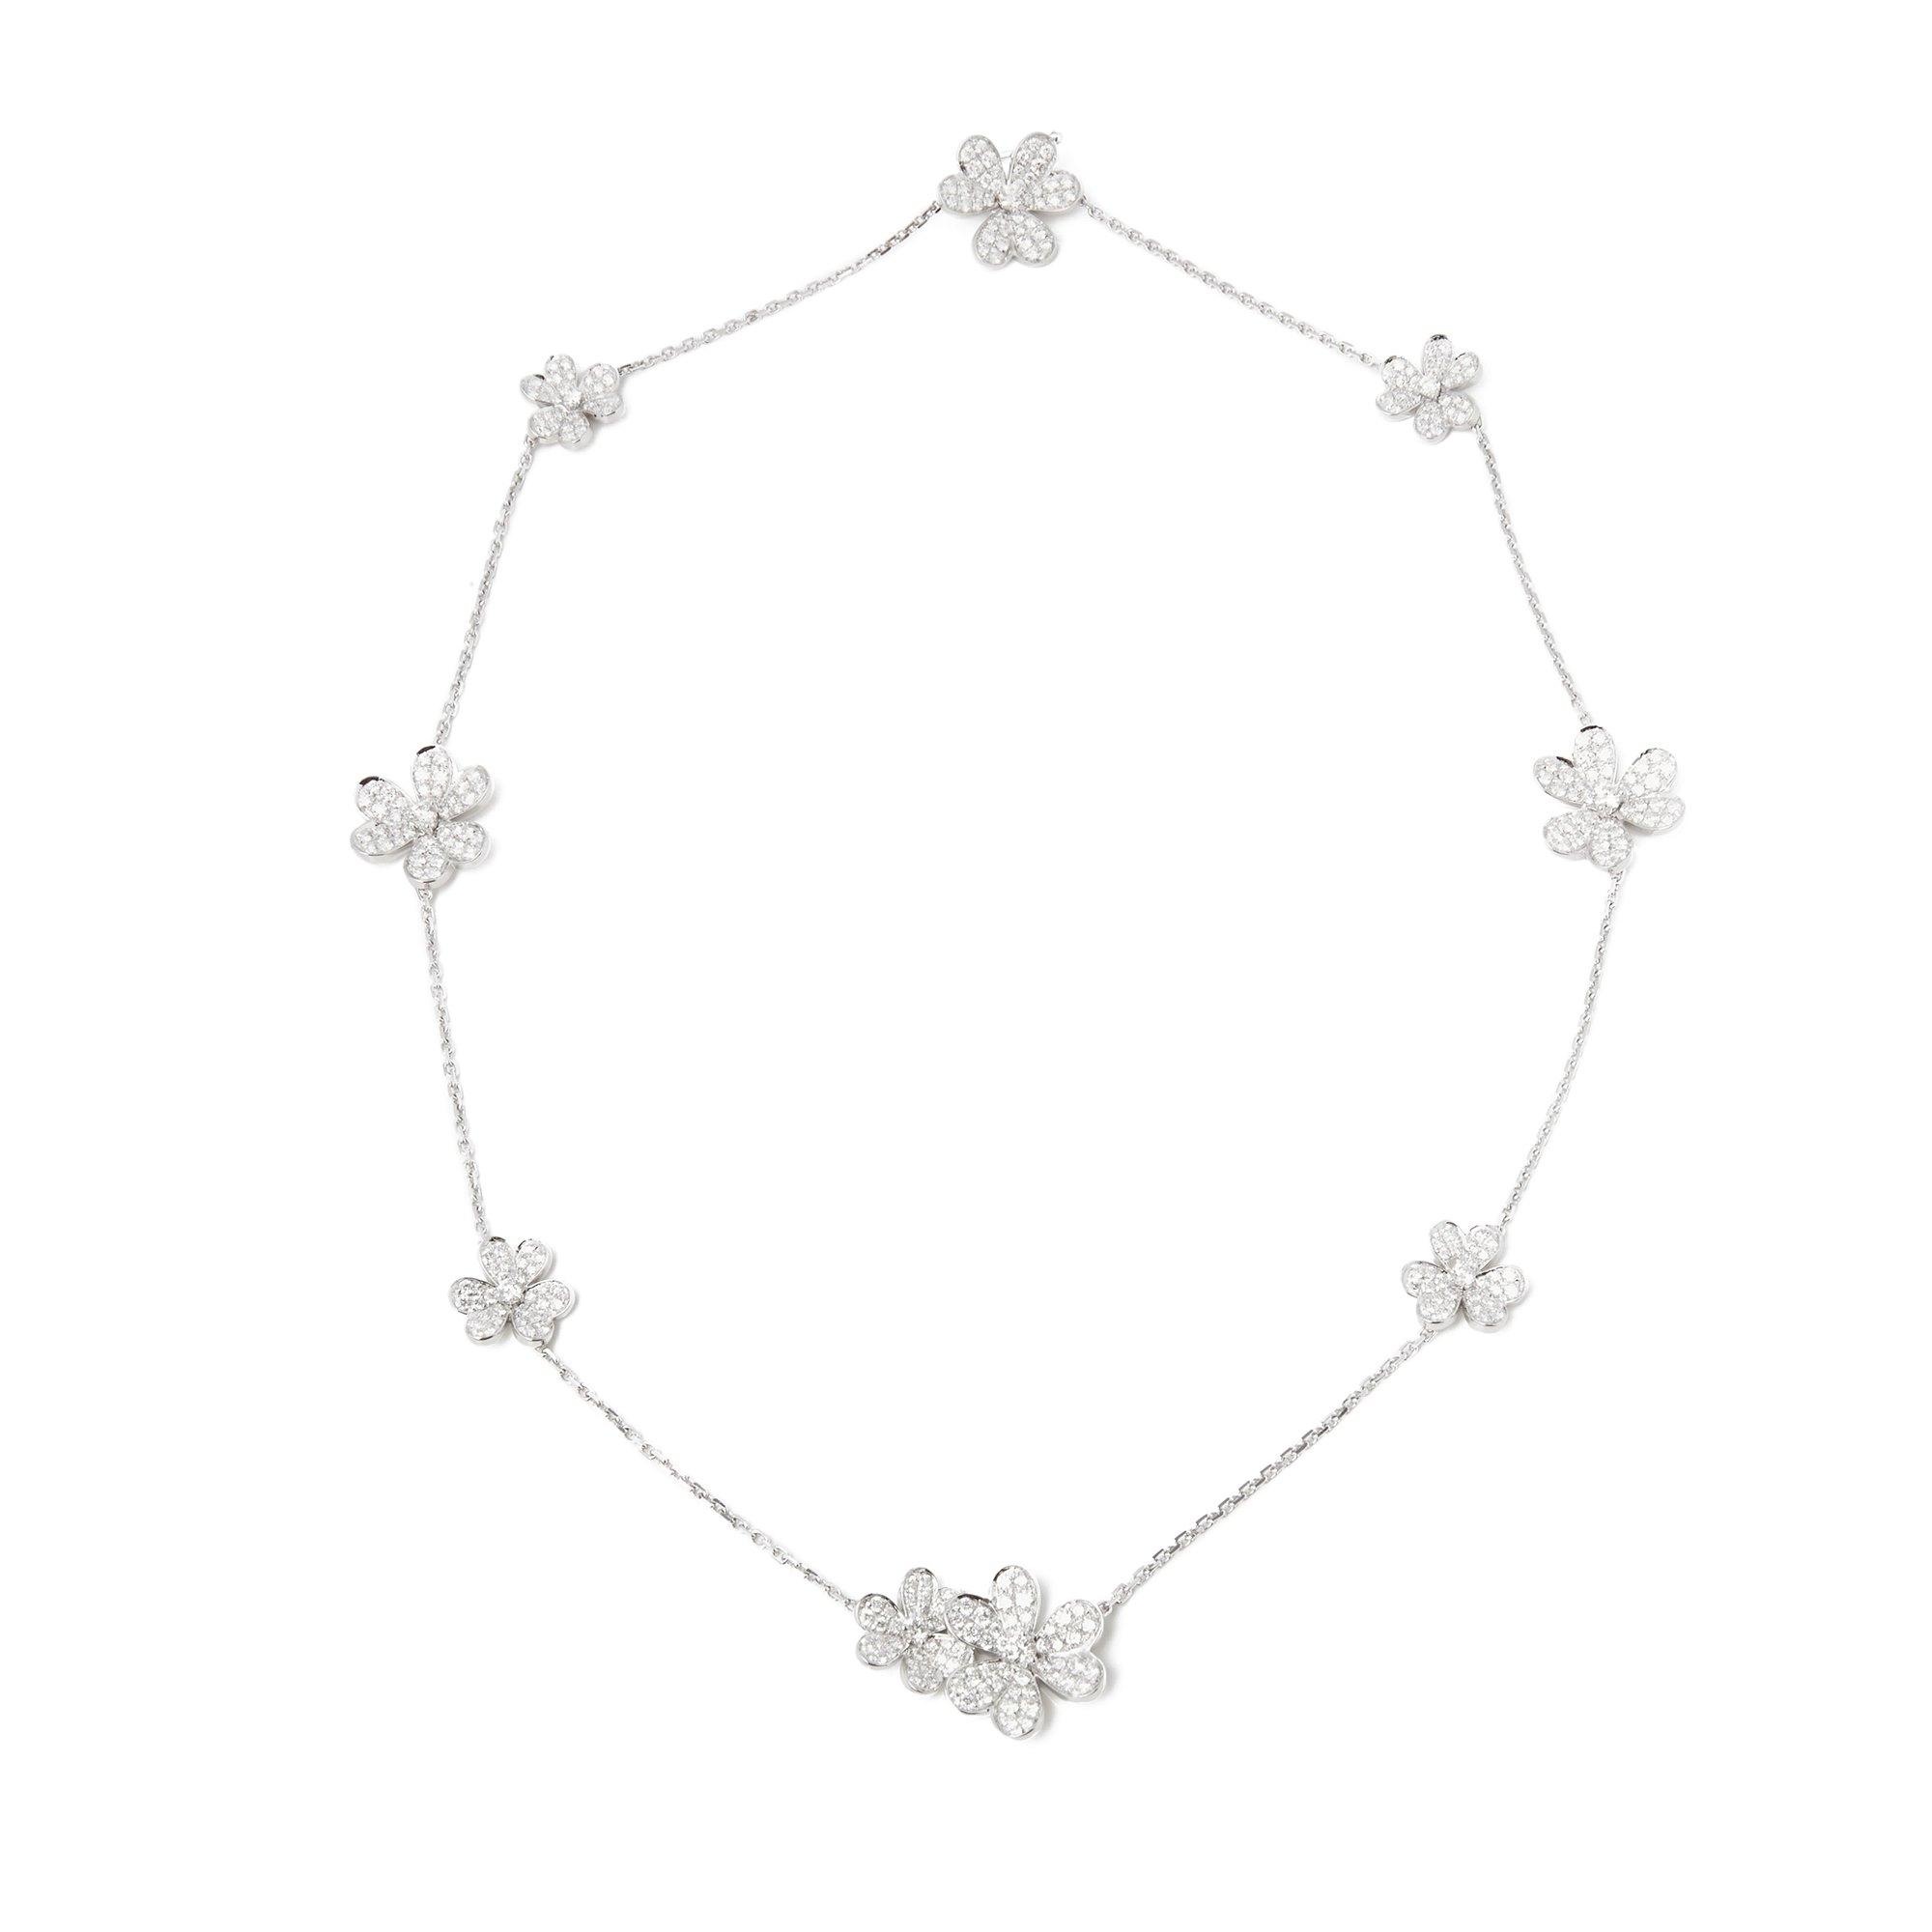 Van Cleef & Arpels 18k White Gold Diamond 9 Flower Frivole Necklace